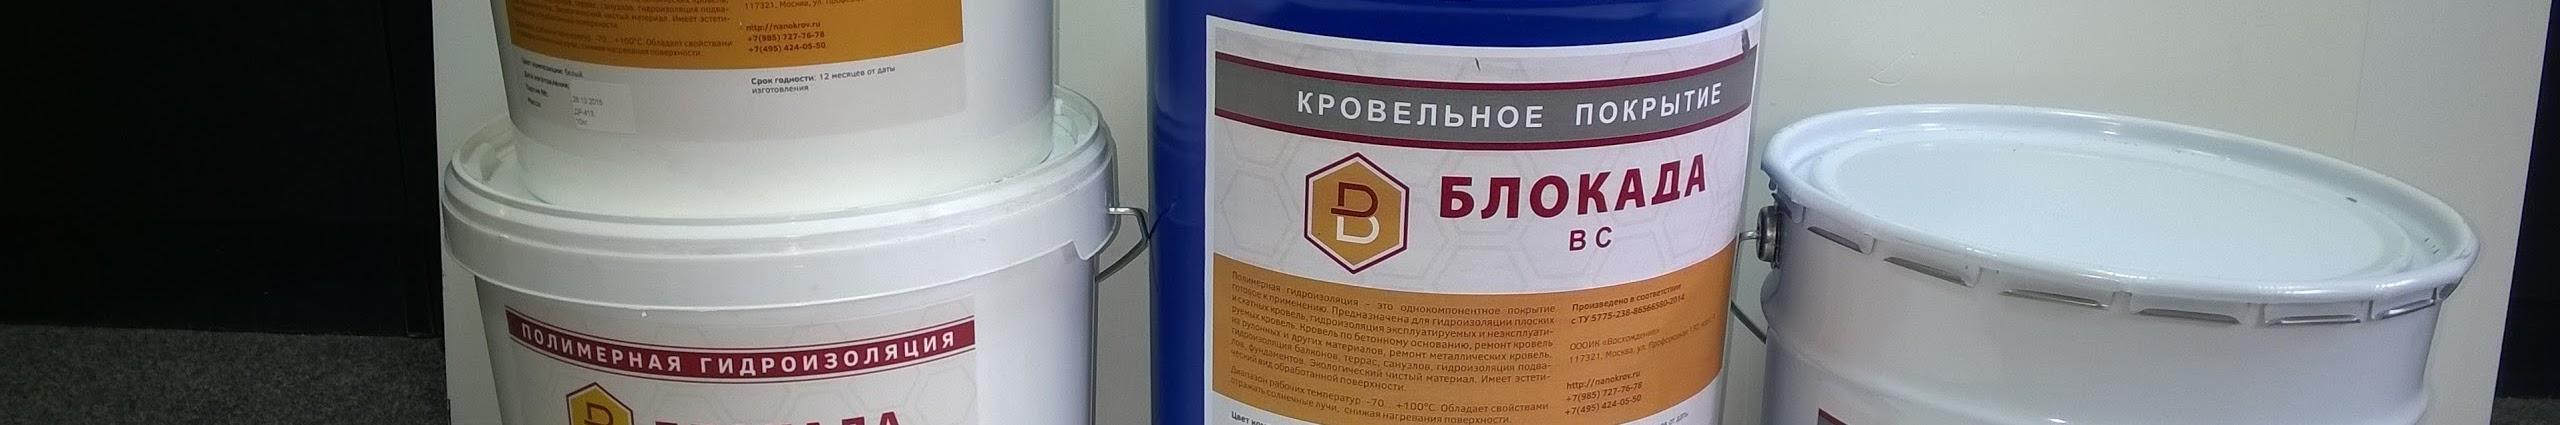 жидкая кровля блокада купить в москве